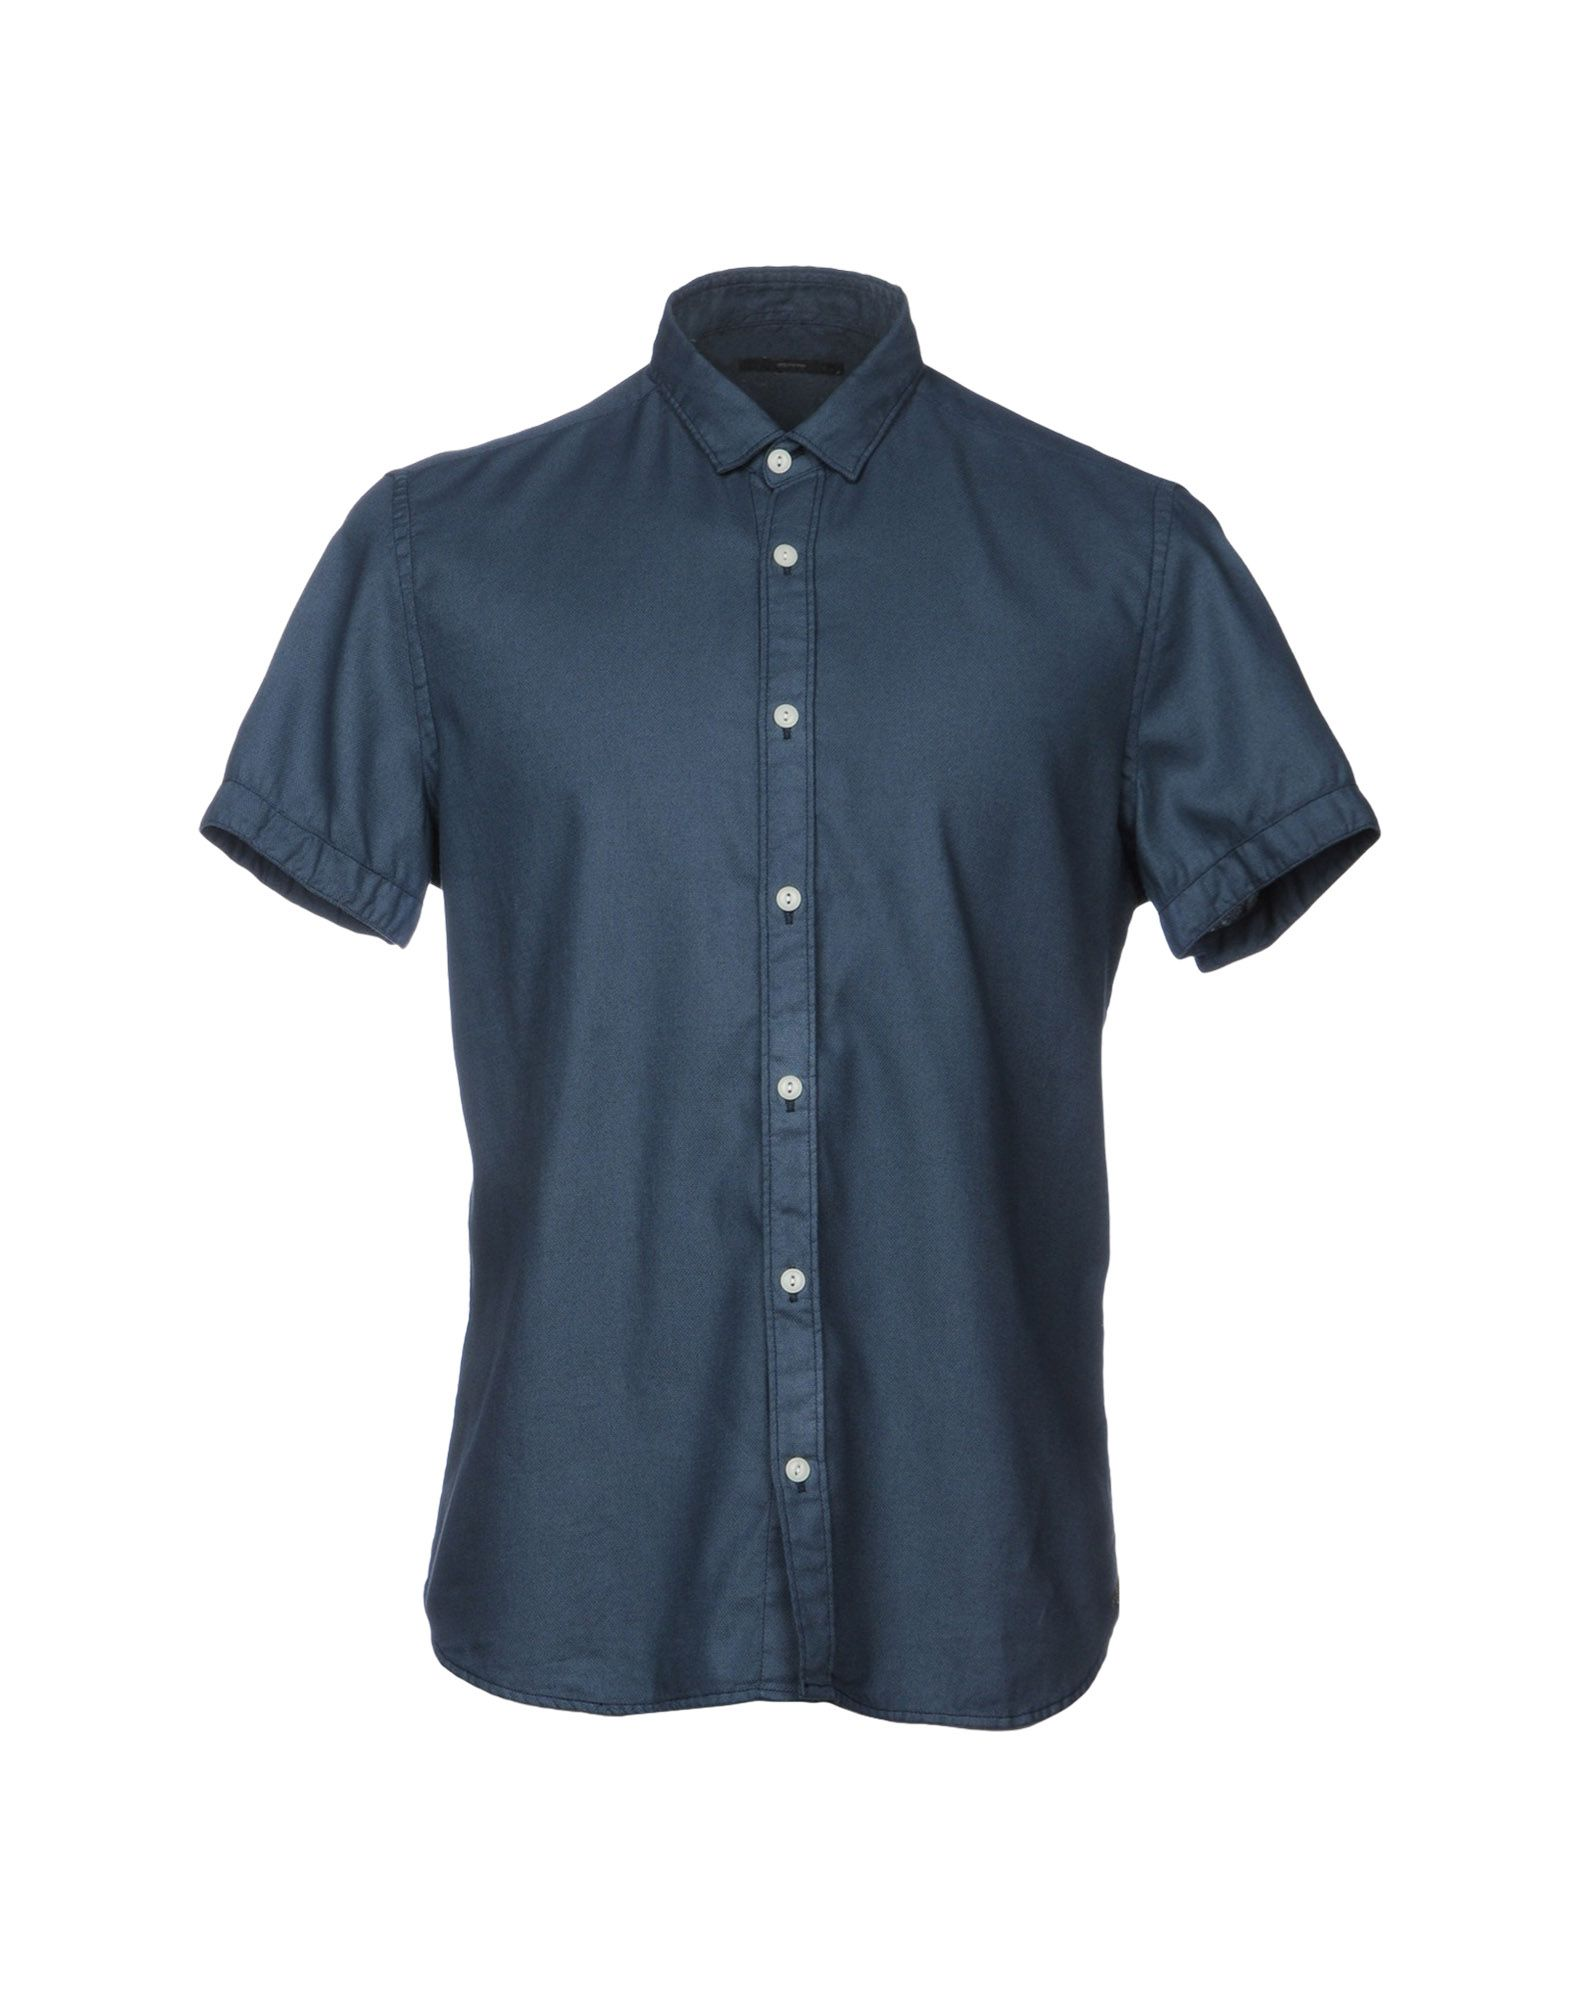 《送料無料》MELTIN POT メンズ シャツ ブルーグレー S コットン 100%